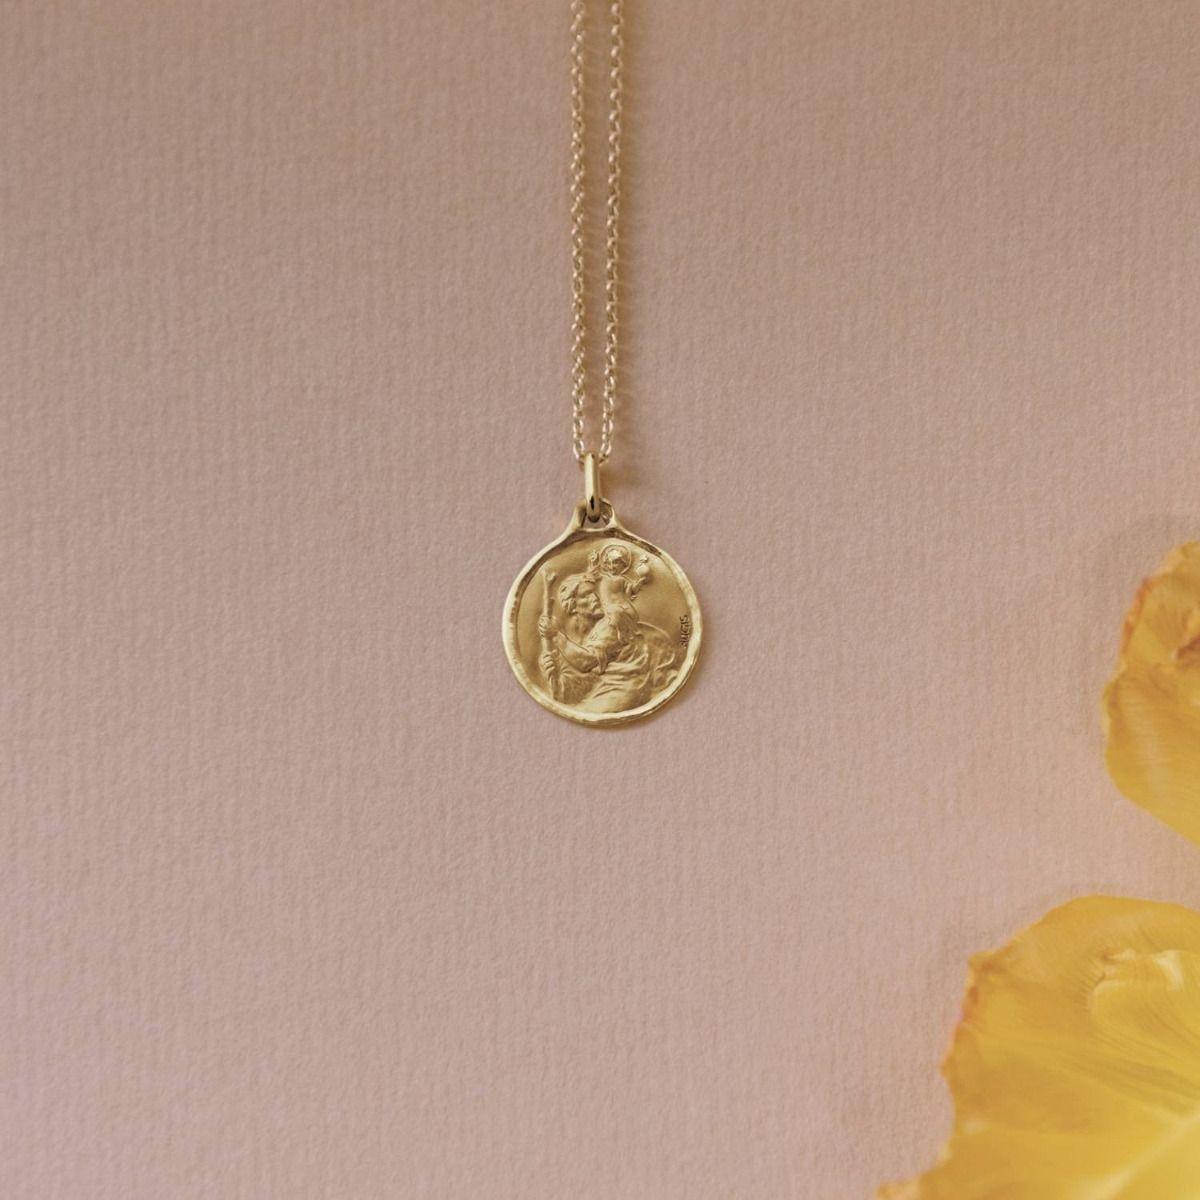 médaille Saint Christophe 16 mm avec bord